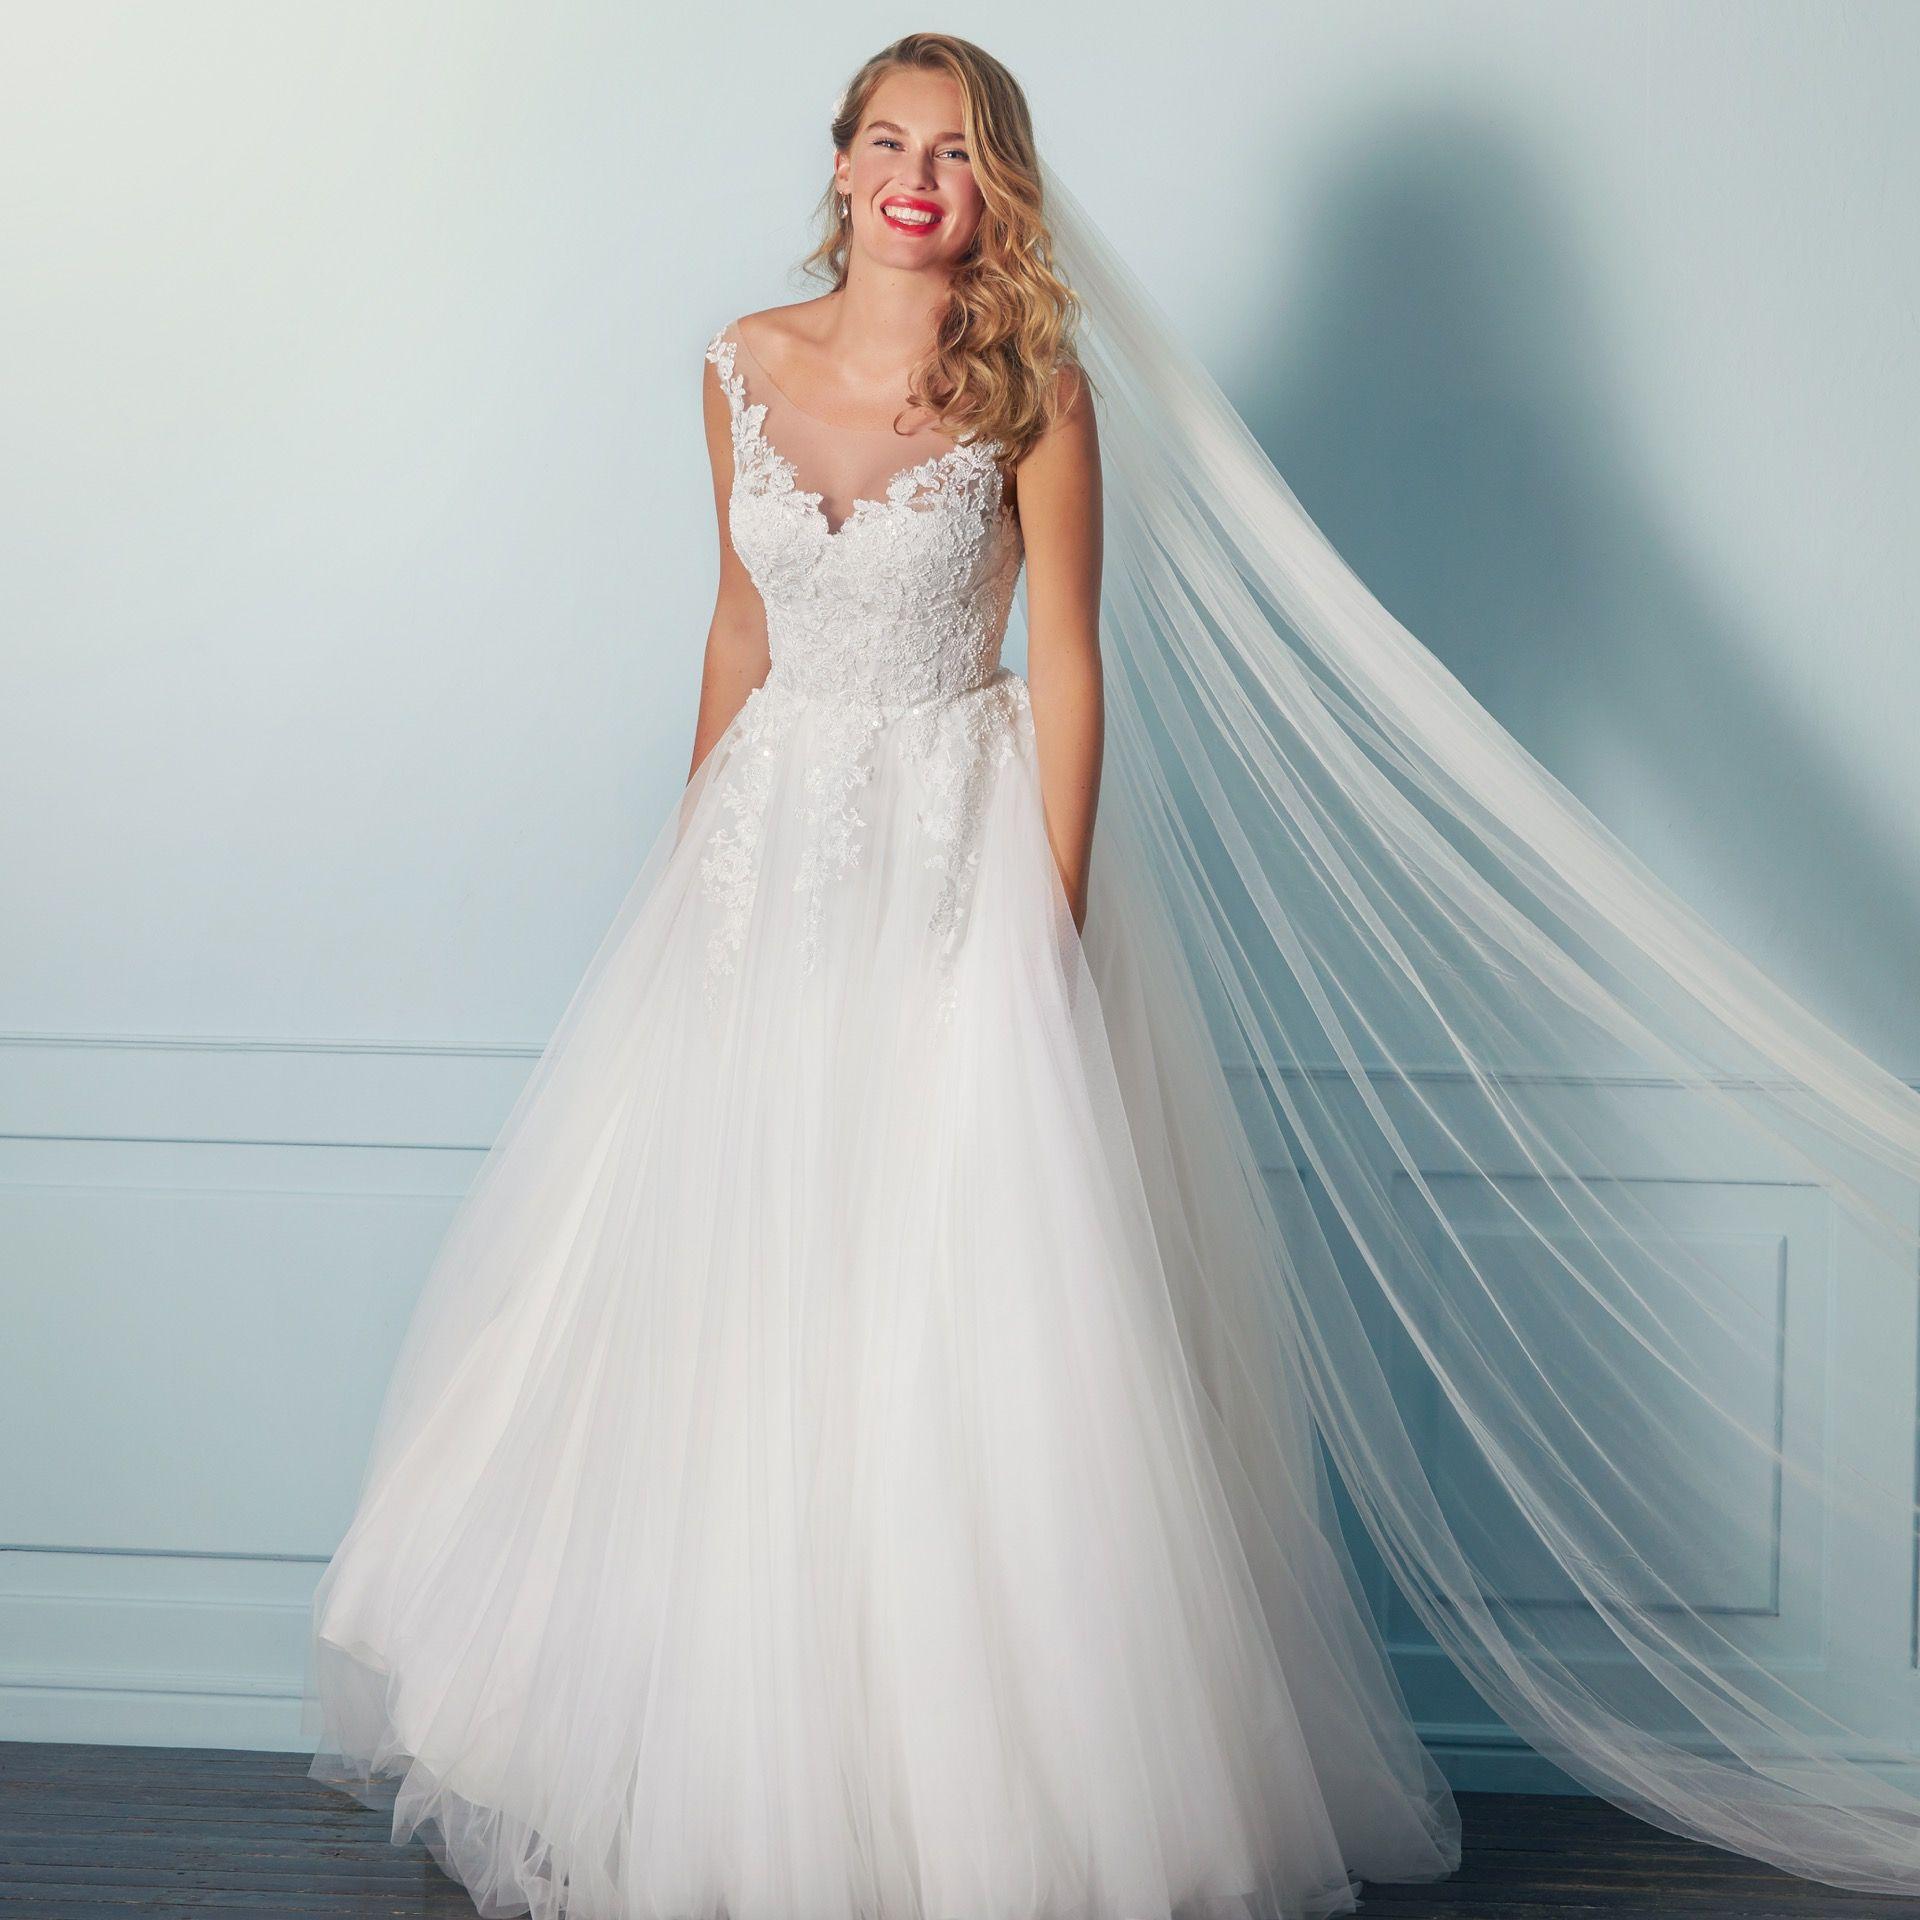 Brautkleid Von Lilly Wedding Looks Kollektion 2021 Brautkleid Armellos Brautkleid Braut